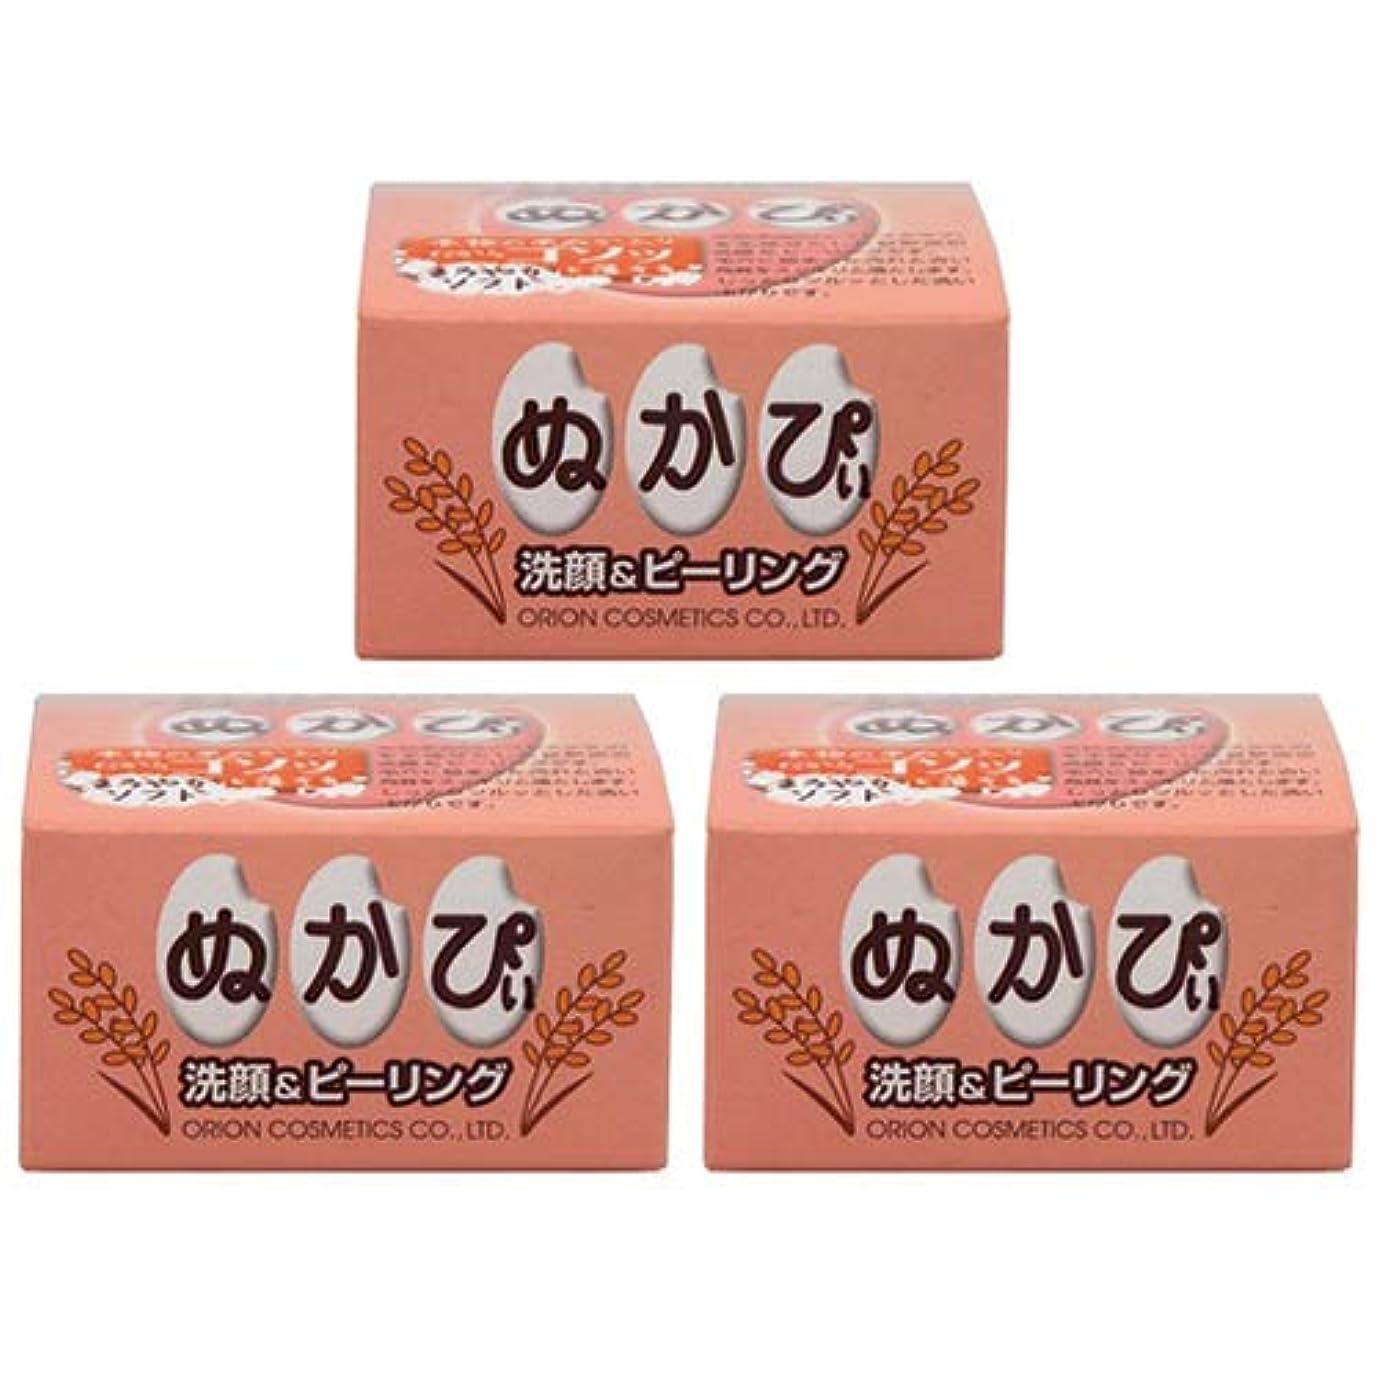 懐疑的氷借りている米ぬか洗顔料 ぬかぴぃ (まろやかソフト) 50g×3個セット